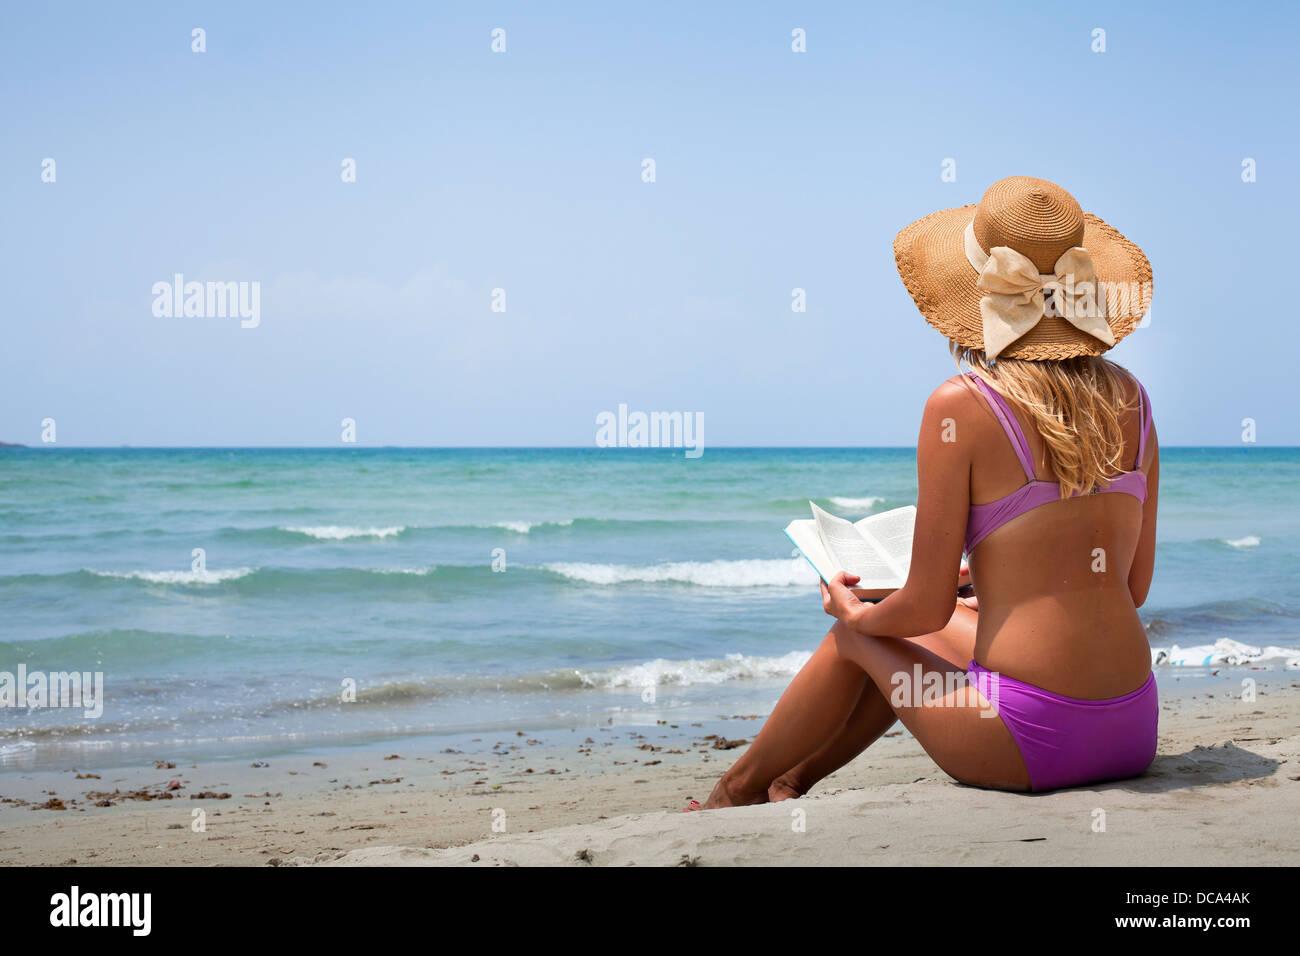 woman in bikini reading book on the beach - Stock Image